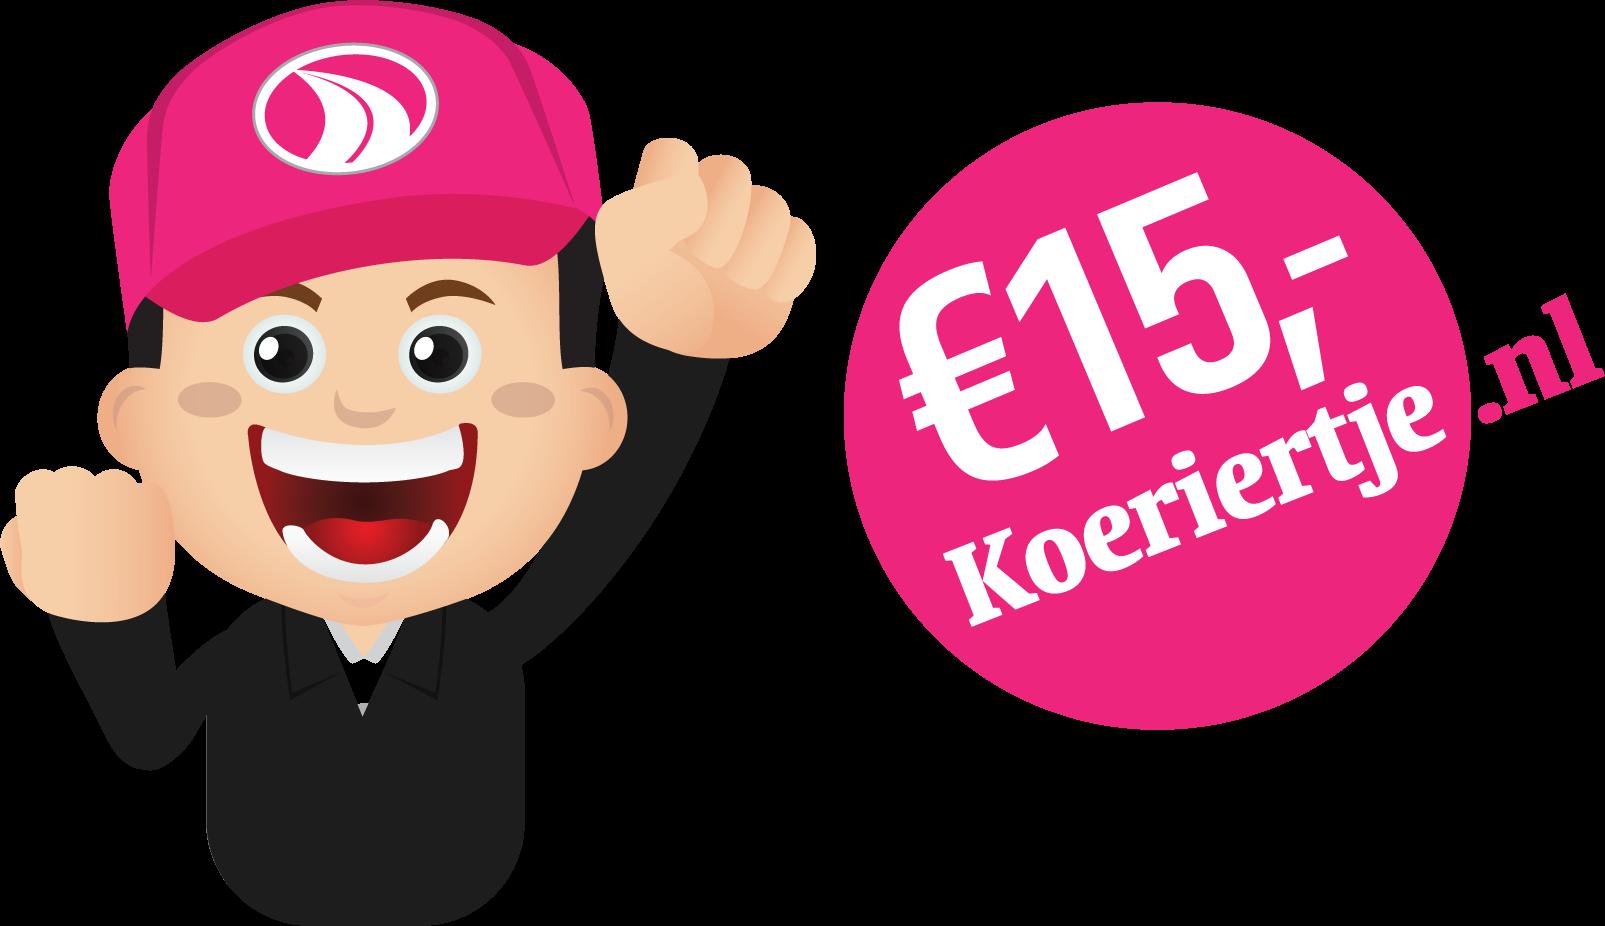 Koeriertje.nl